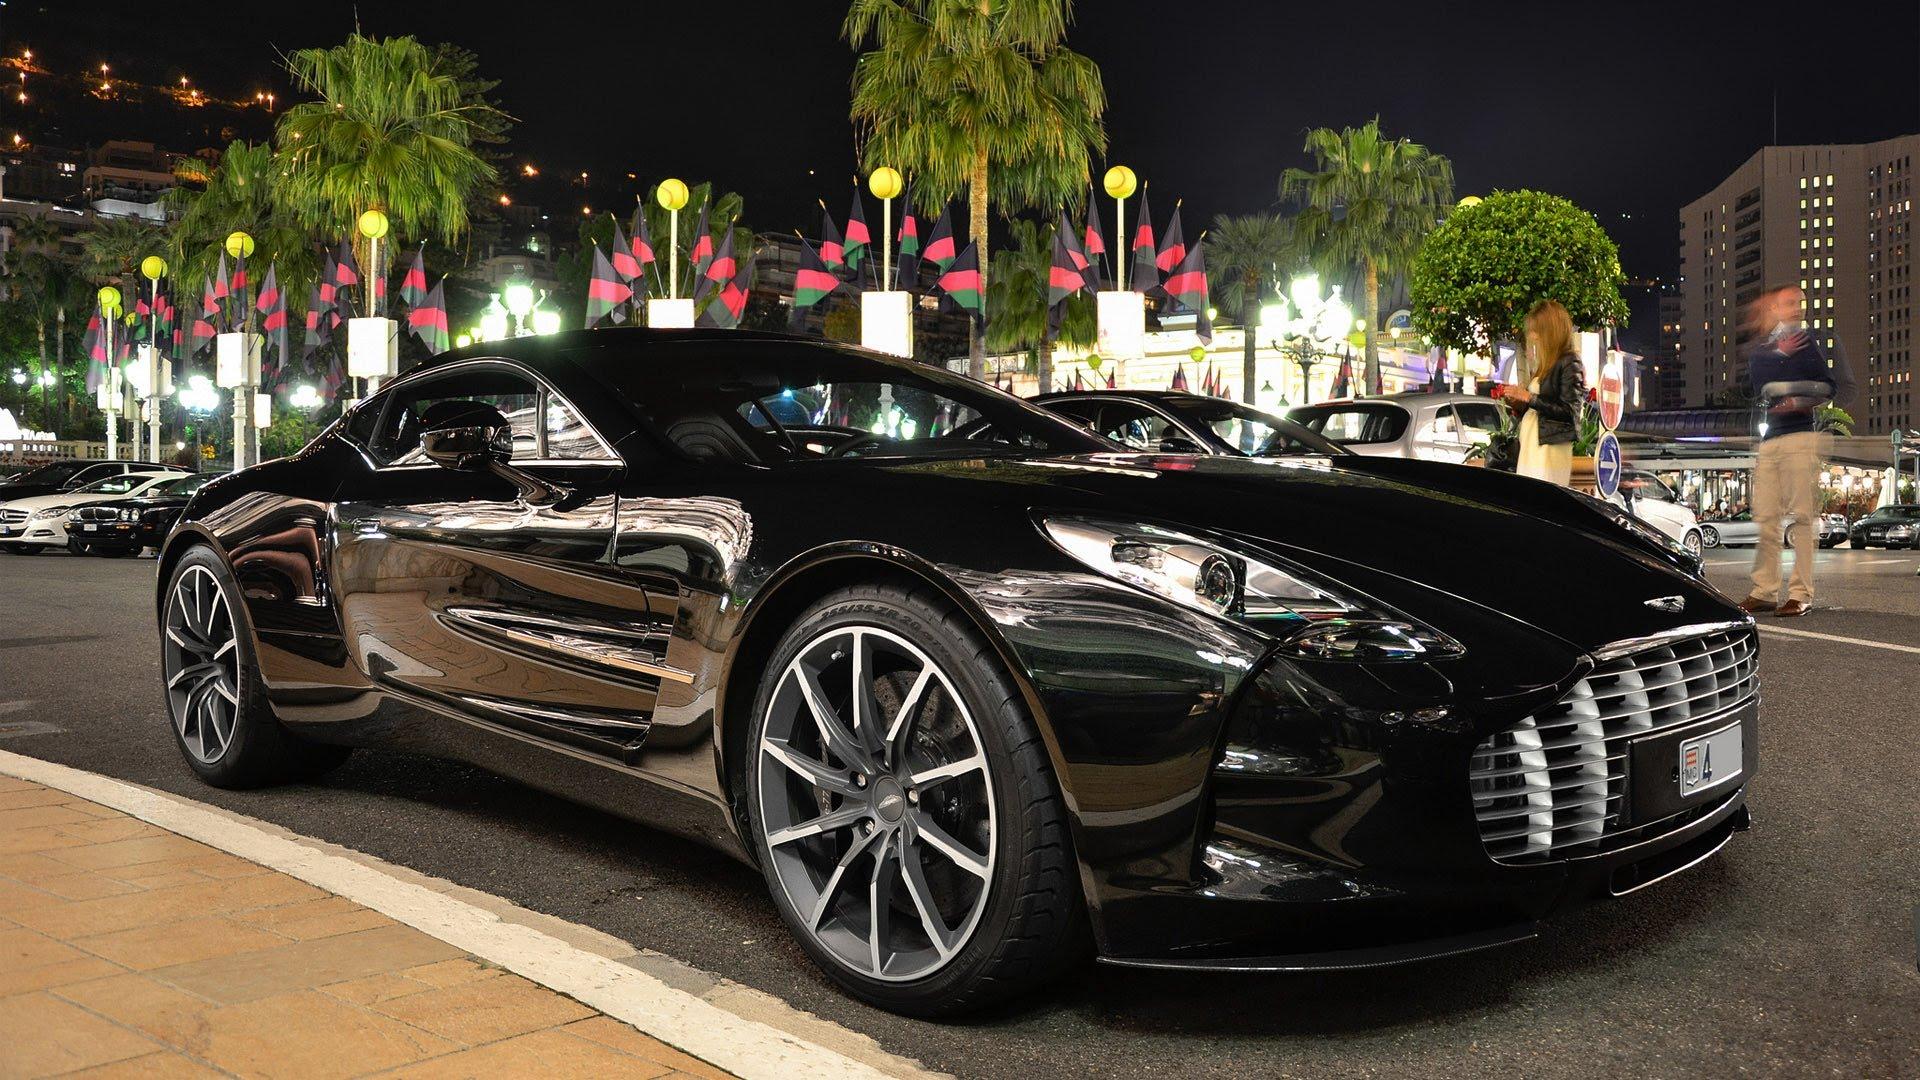 Aston Martin One 77 A True Supercar Exotic Car List